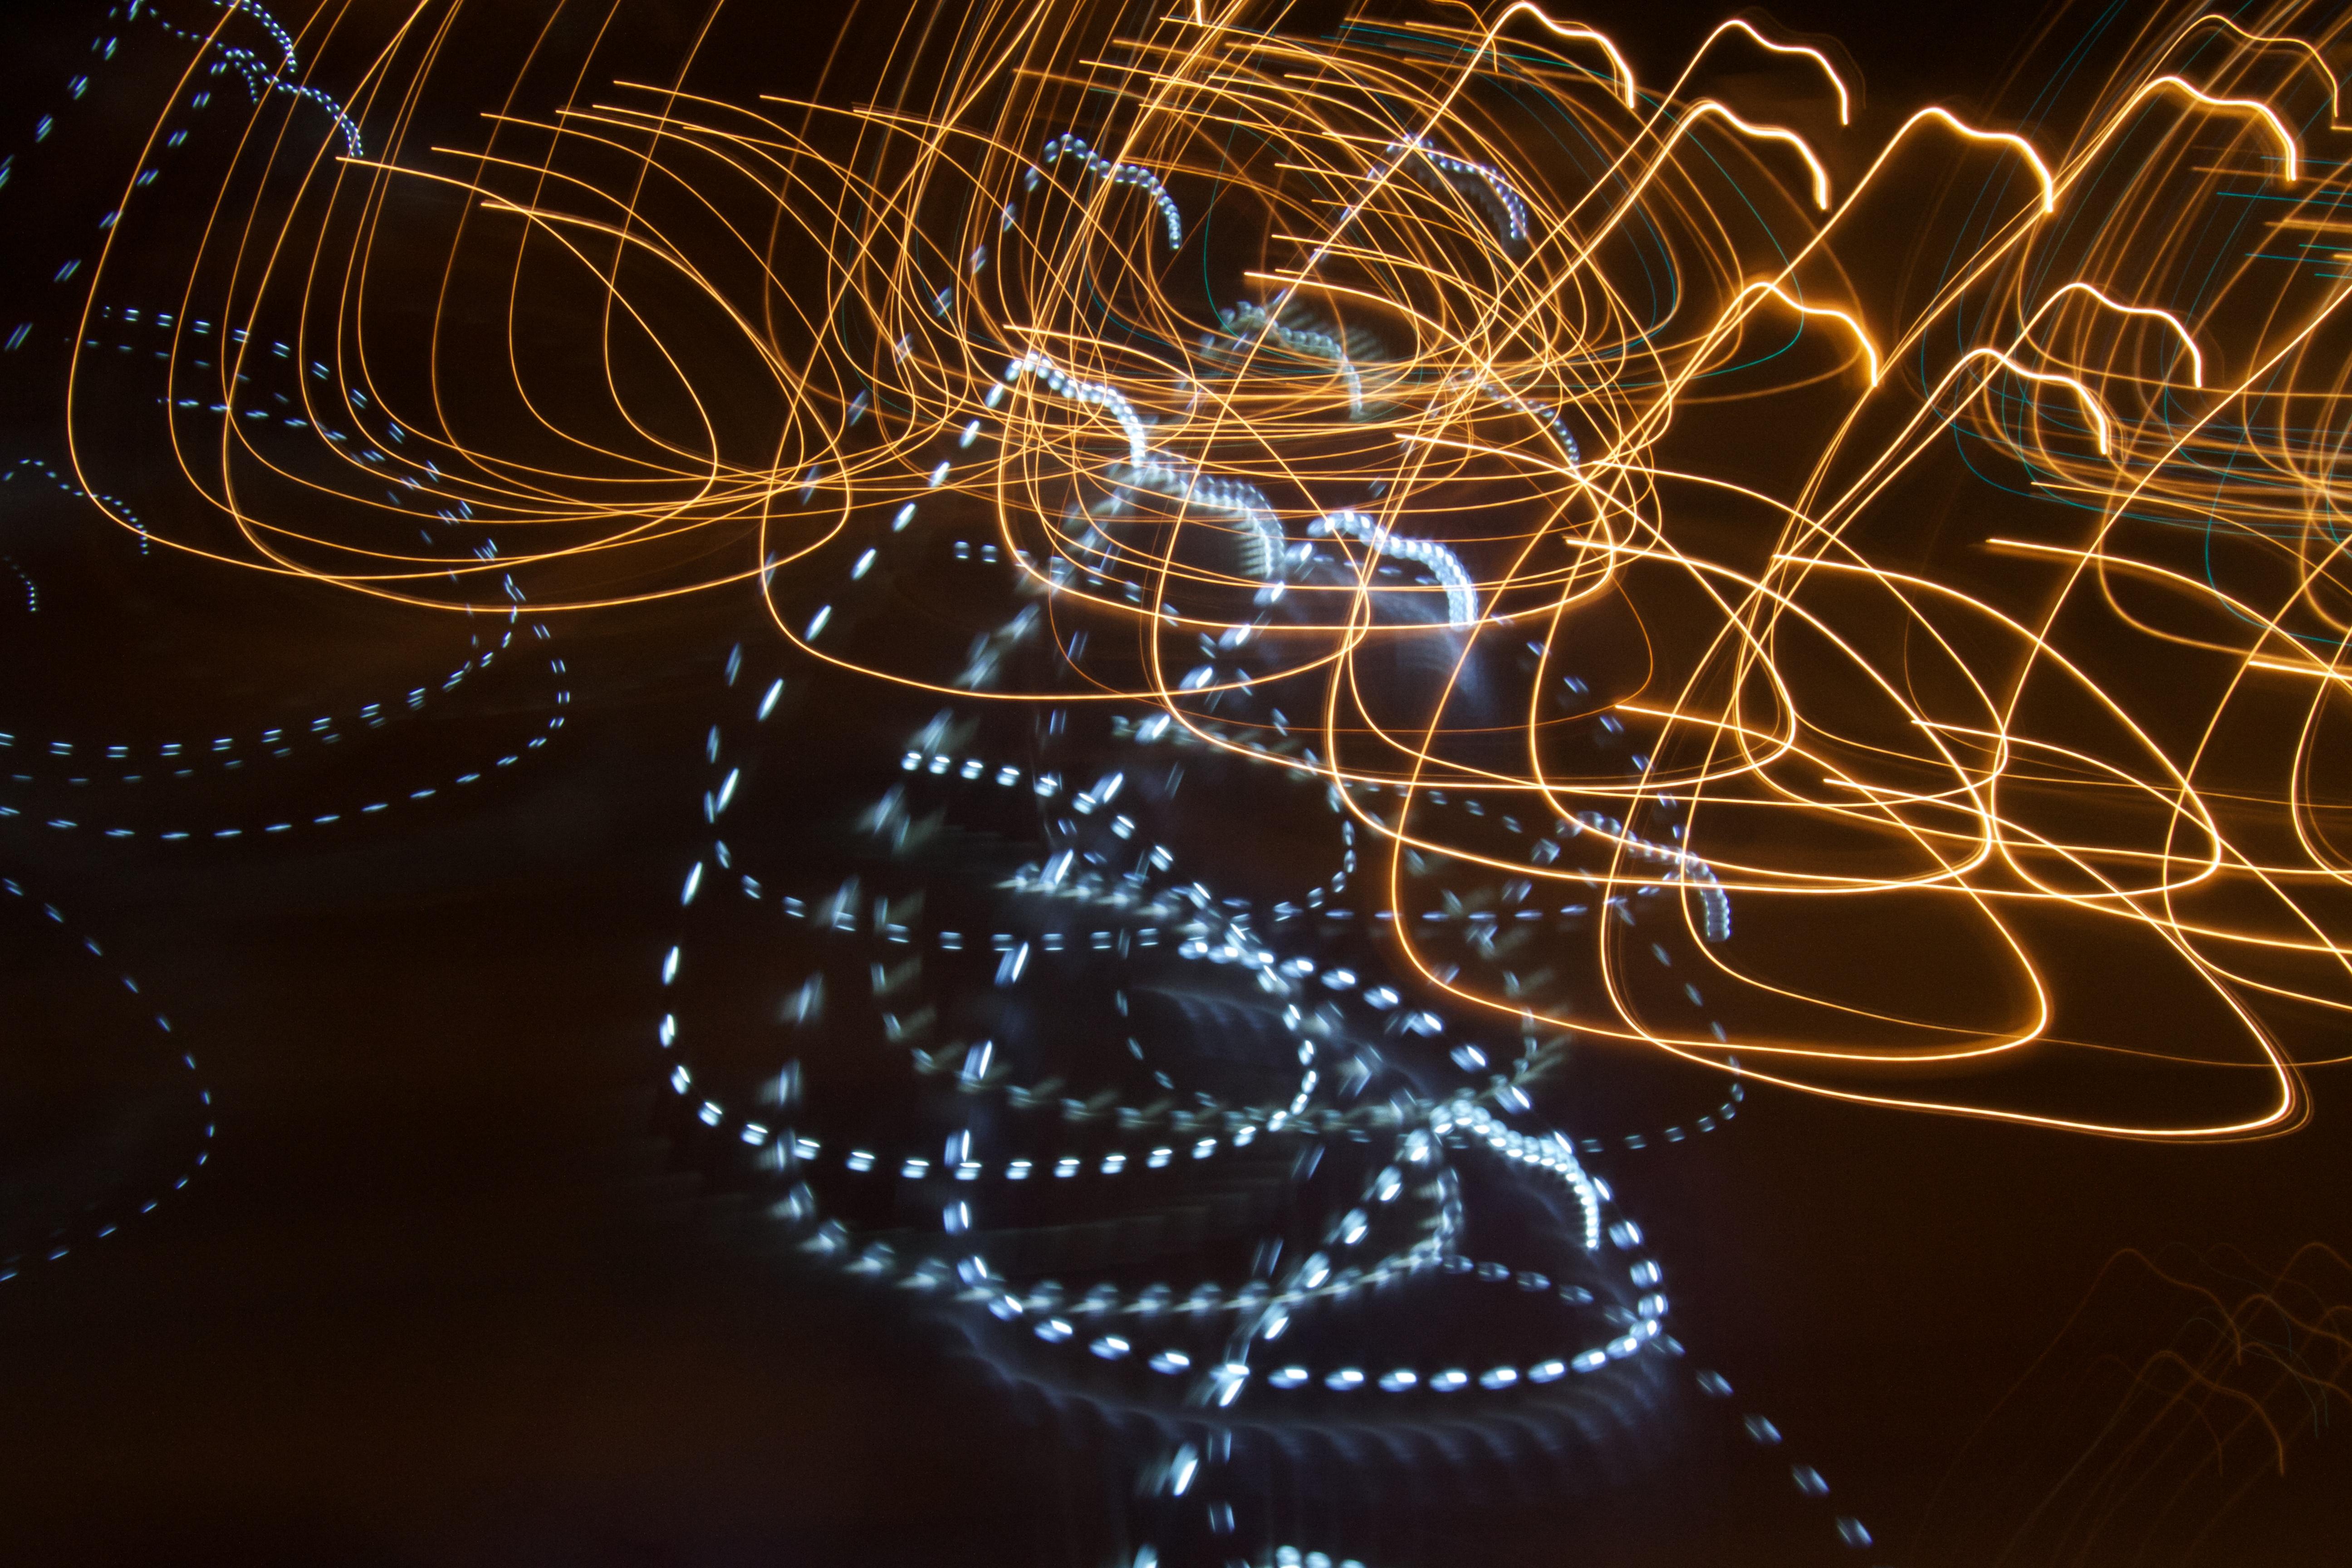 Fotoğraf ışık Hat Karanlık Malzeme Daire Omurgasız örümcek